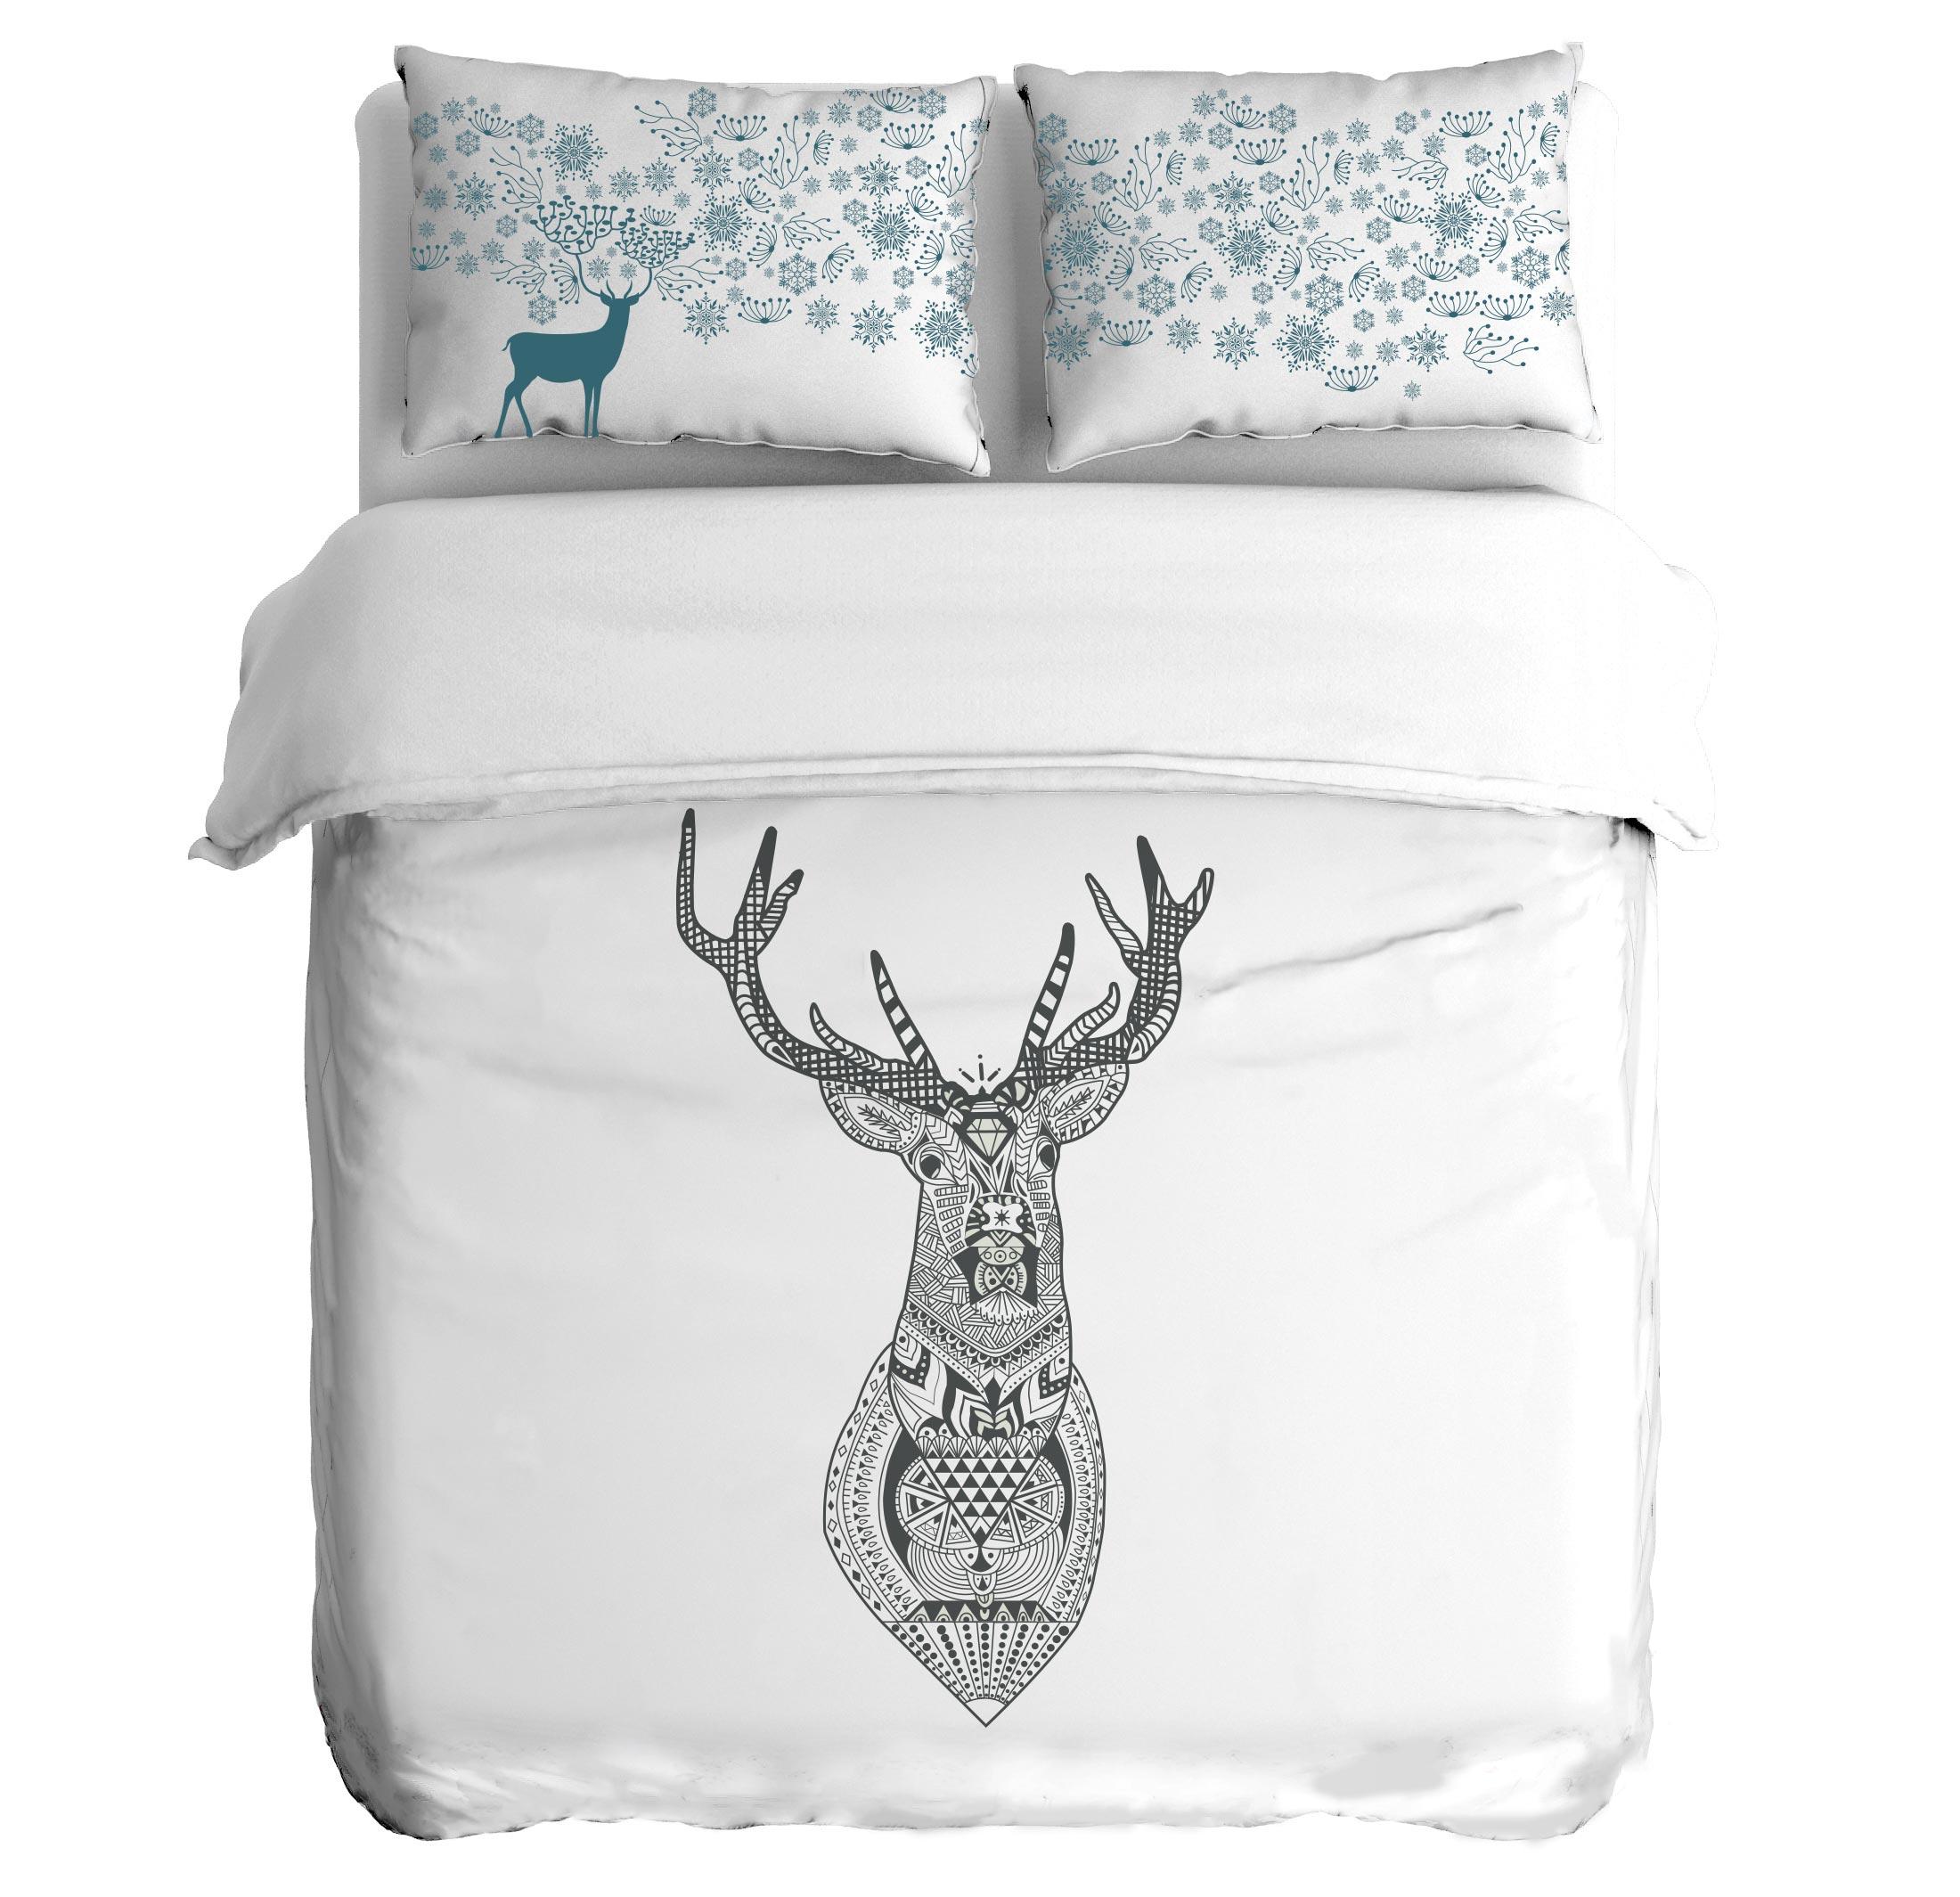 Постельное белье Peach Постельное белье Reindeer (2 сп. евро) постельное белье мартекс постельное белье микрофибра 5d евро роза букет